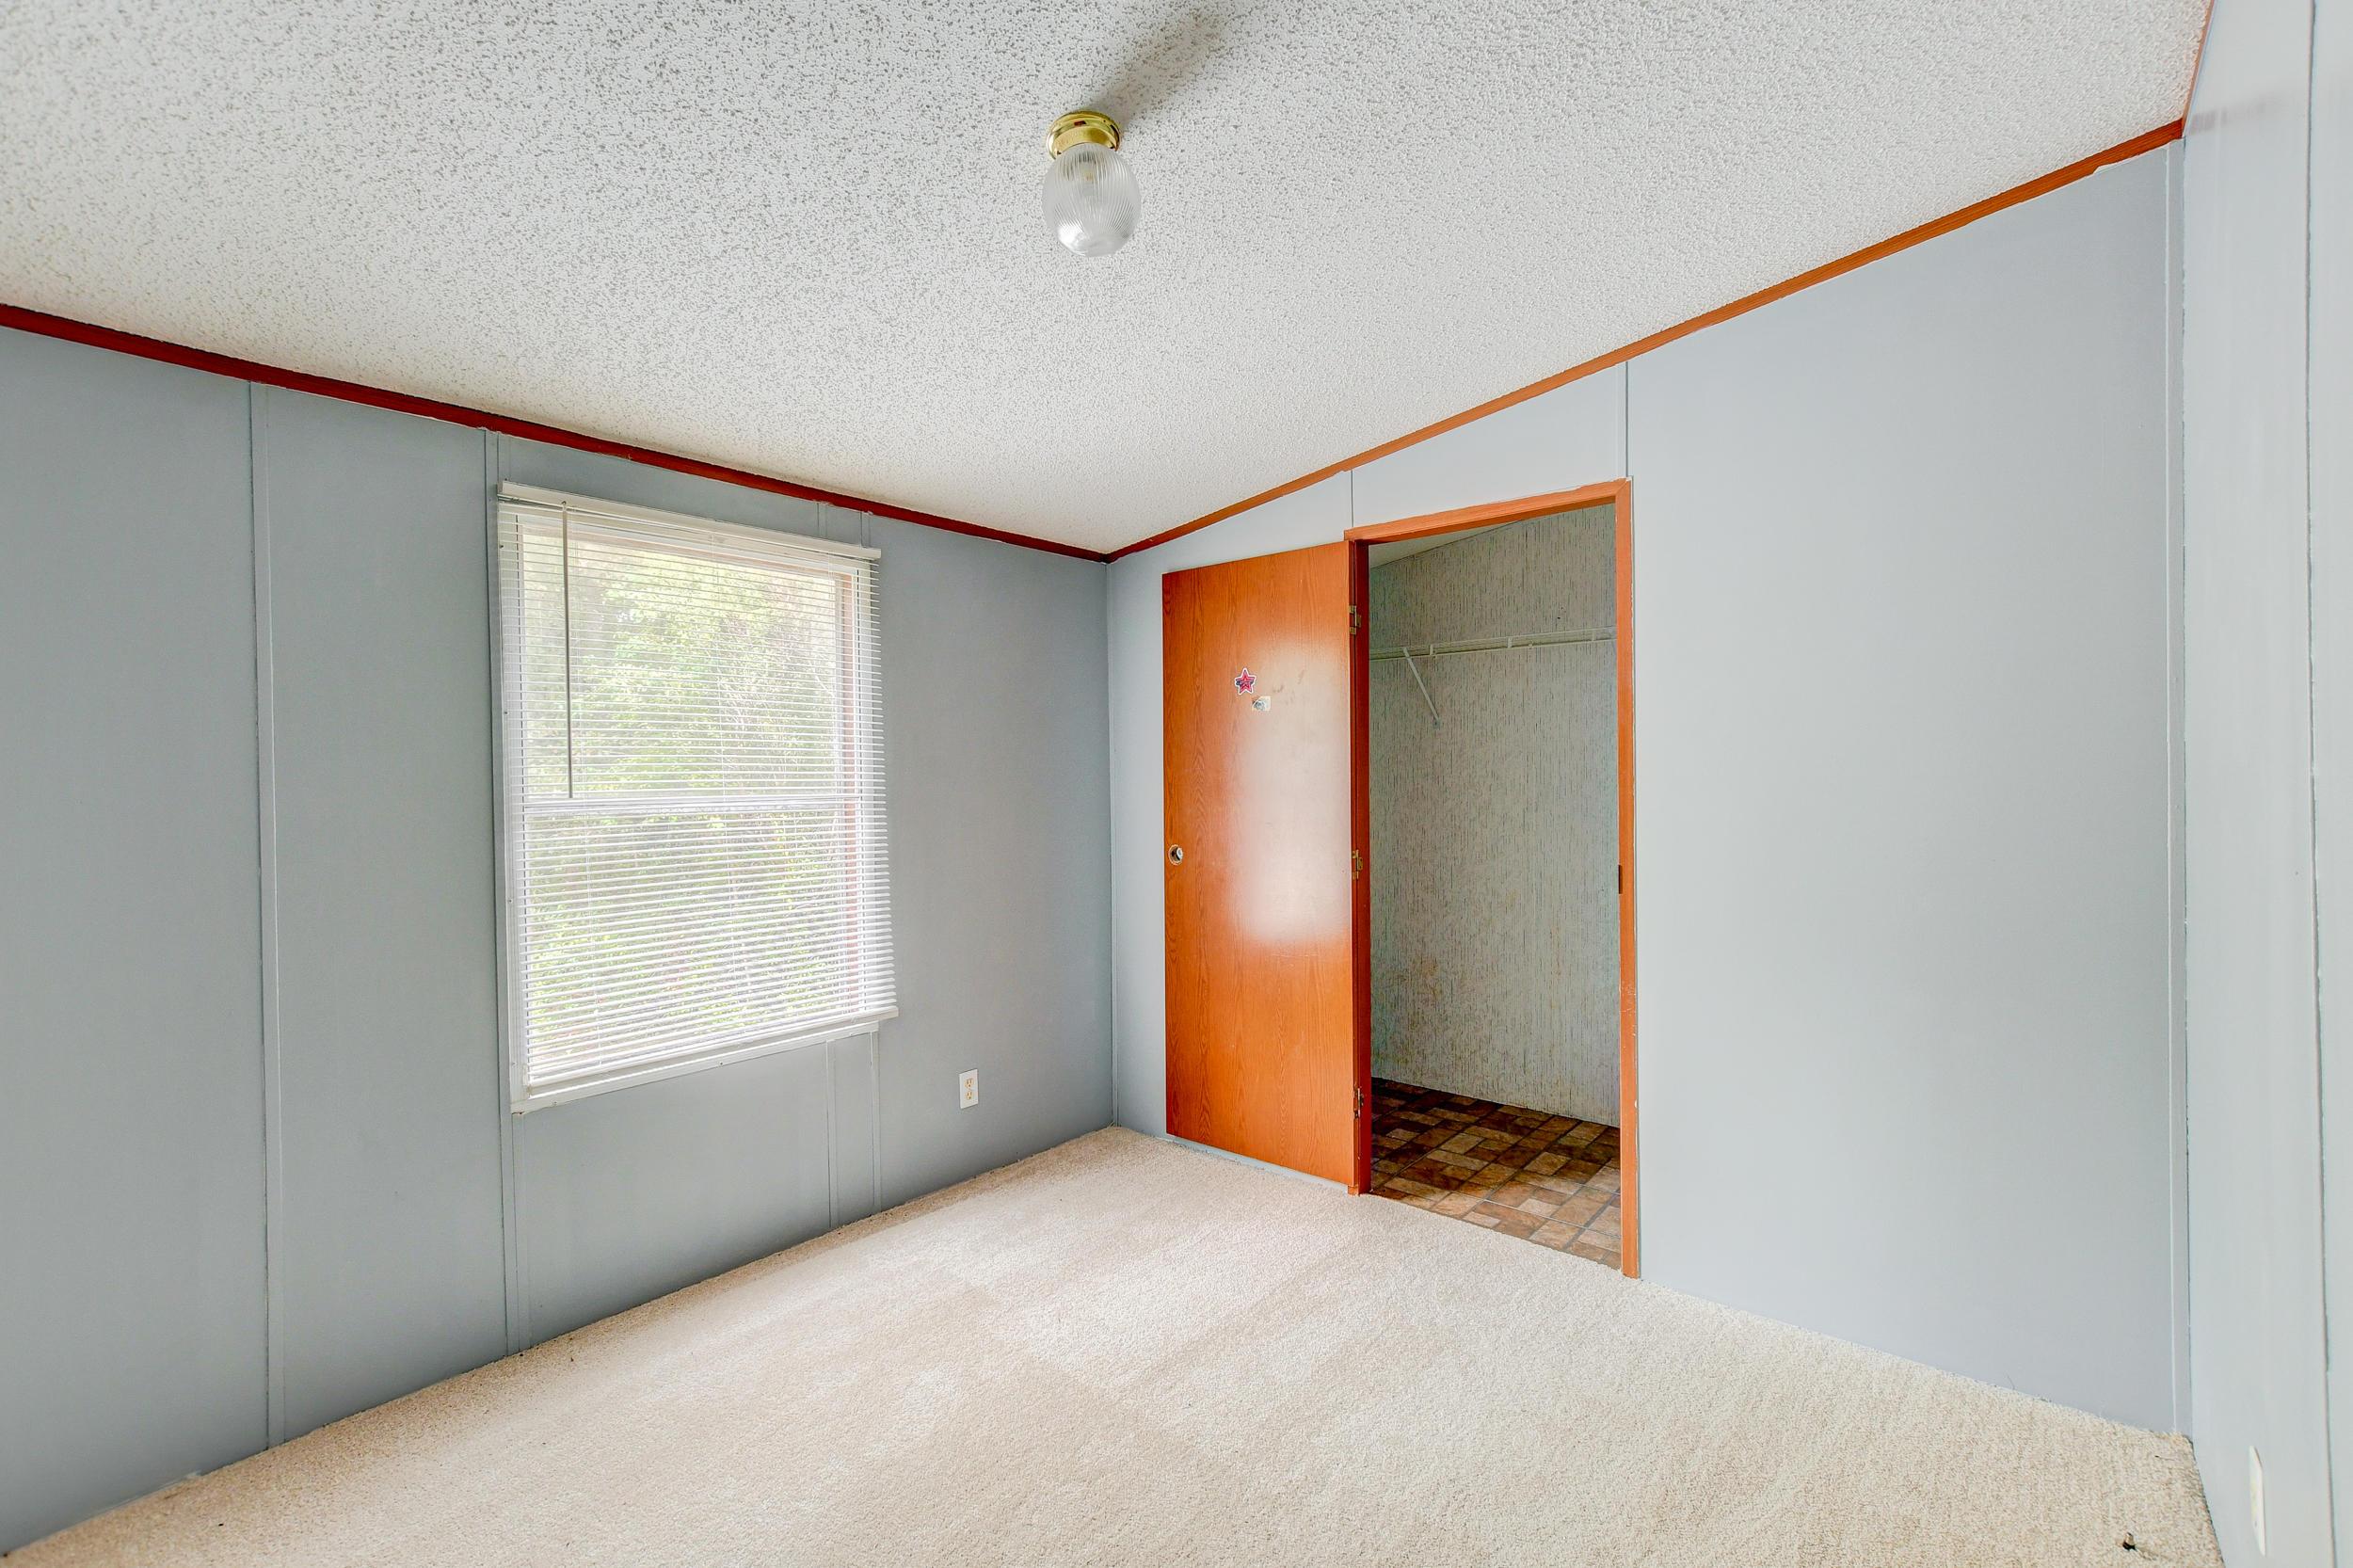 Clemson Terrace Homes For Sale - 123 Colkitt, Summerville, SC - 21